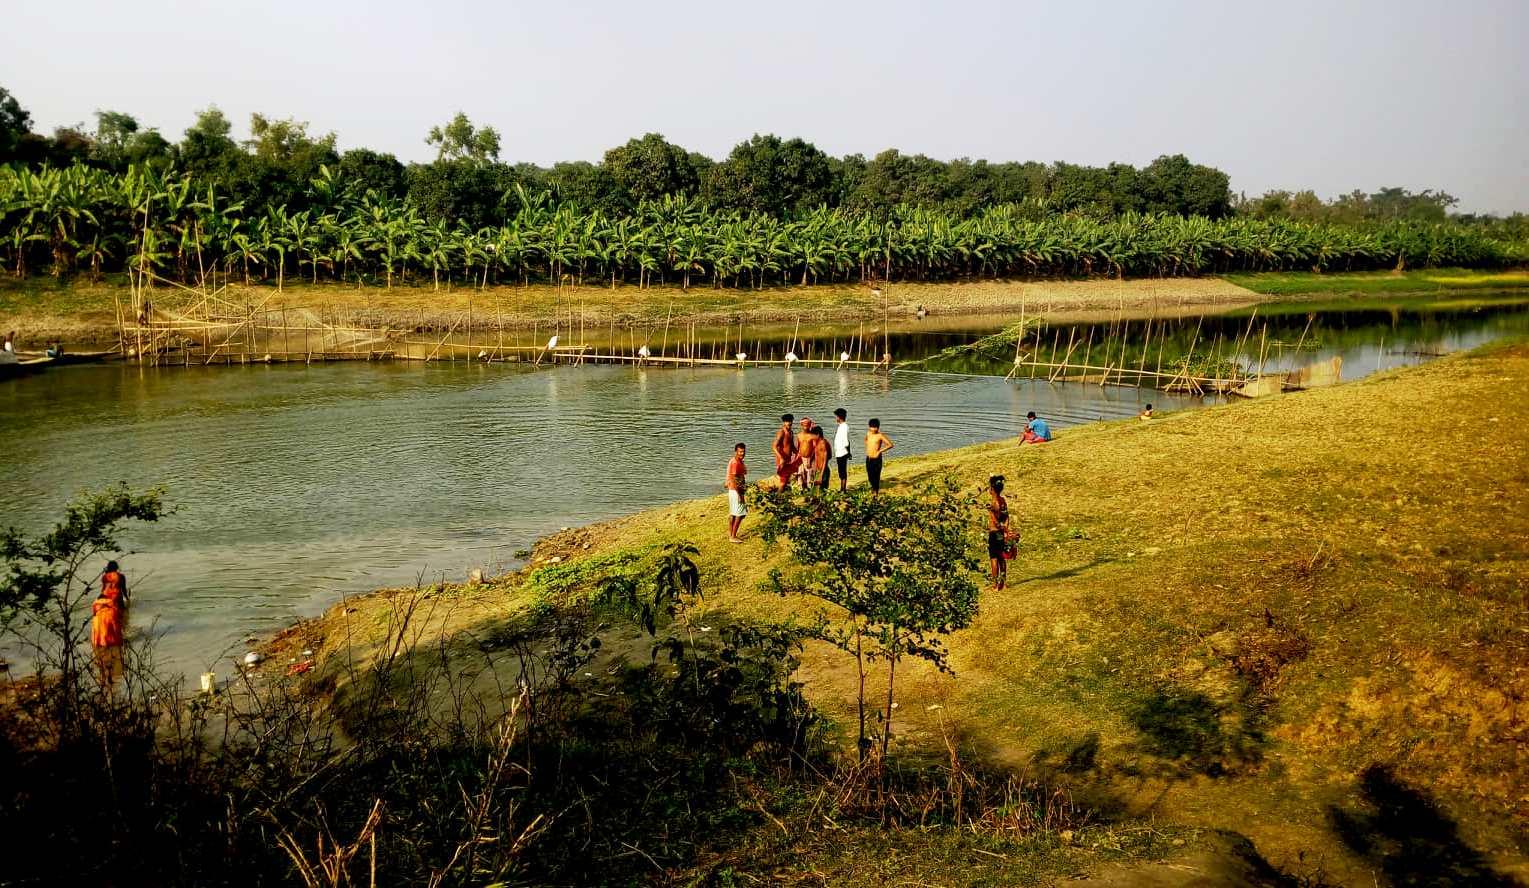 বাঁধালে বিপন্ন মাথাভাঙ্গা নদী